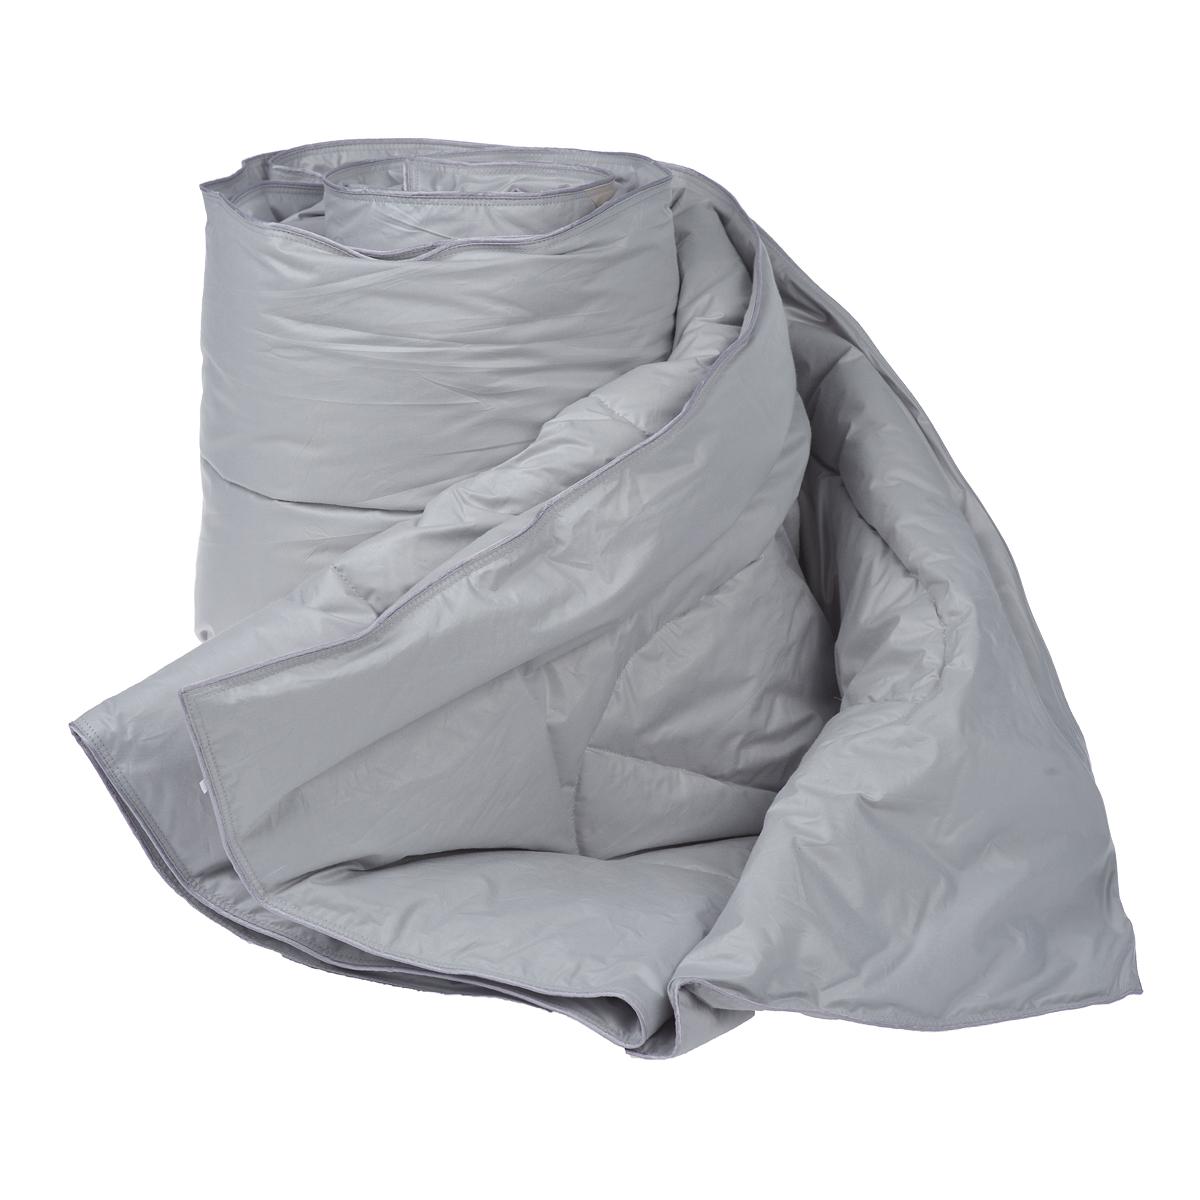 Одеяло Dargez Богемия, наполнитель: гусиный пух категории Экстра, 172 см х 205 см20382Одеяло Dargez Богемия подарит комфорт и уют во время сна.Чехол одеяла выполнен из пуходержащего гладкокрашеного батиста с обработкой ионами серебра.Ткань с ионами серебра благотворно воздействует на кожу, оказывает расслабляющее действие для организма человека, имеет устойчивый антибактериальный эффект.Уникальная запатентованная стежка Bodyline® по форме повторяет тело человека, что помогает эффективно регулировать теплообменразличных частей организма и создать оптимальный микроклимат во время сна. Натуральное сырье, инновационные разработки и современные технологии - вот рецепт вашего крепкого сна. Изделия коллекции способны стать прекрасным подарком для людей, ценящих красоту и комфорт.Рекомендации по уходу:- Стирка при температуре не более 40°С.- Запрещается отбеливать, гладить, выжимать и сушить в стиральной машине. Материал чехла: батист пуходержащий (100% хлопок).Материал наполнителя: гусиный пух категории Экстра.Размер: 172 см х 205 см.